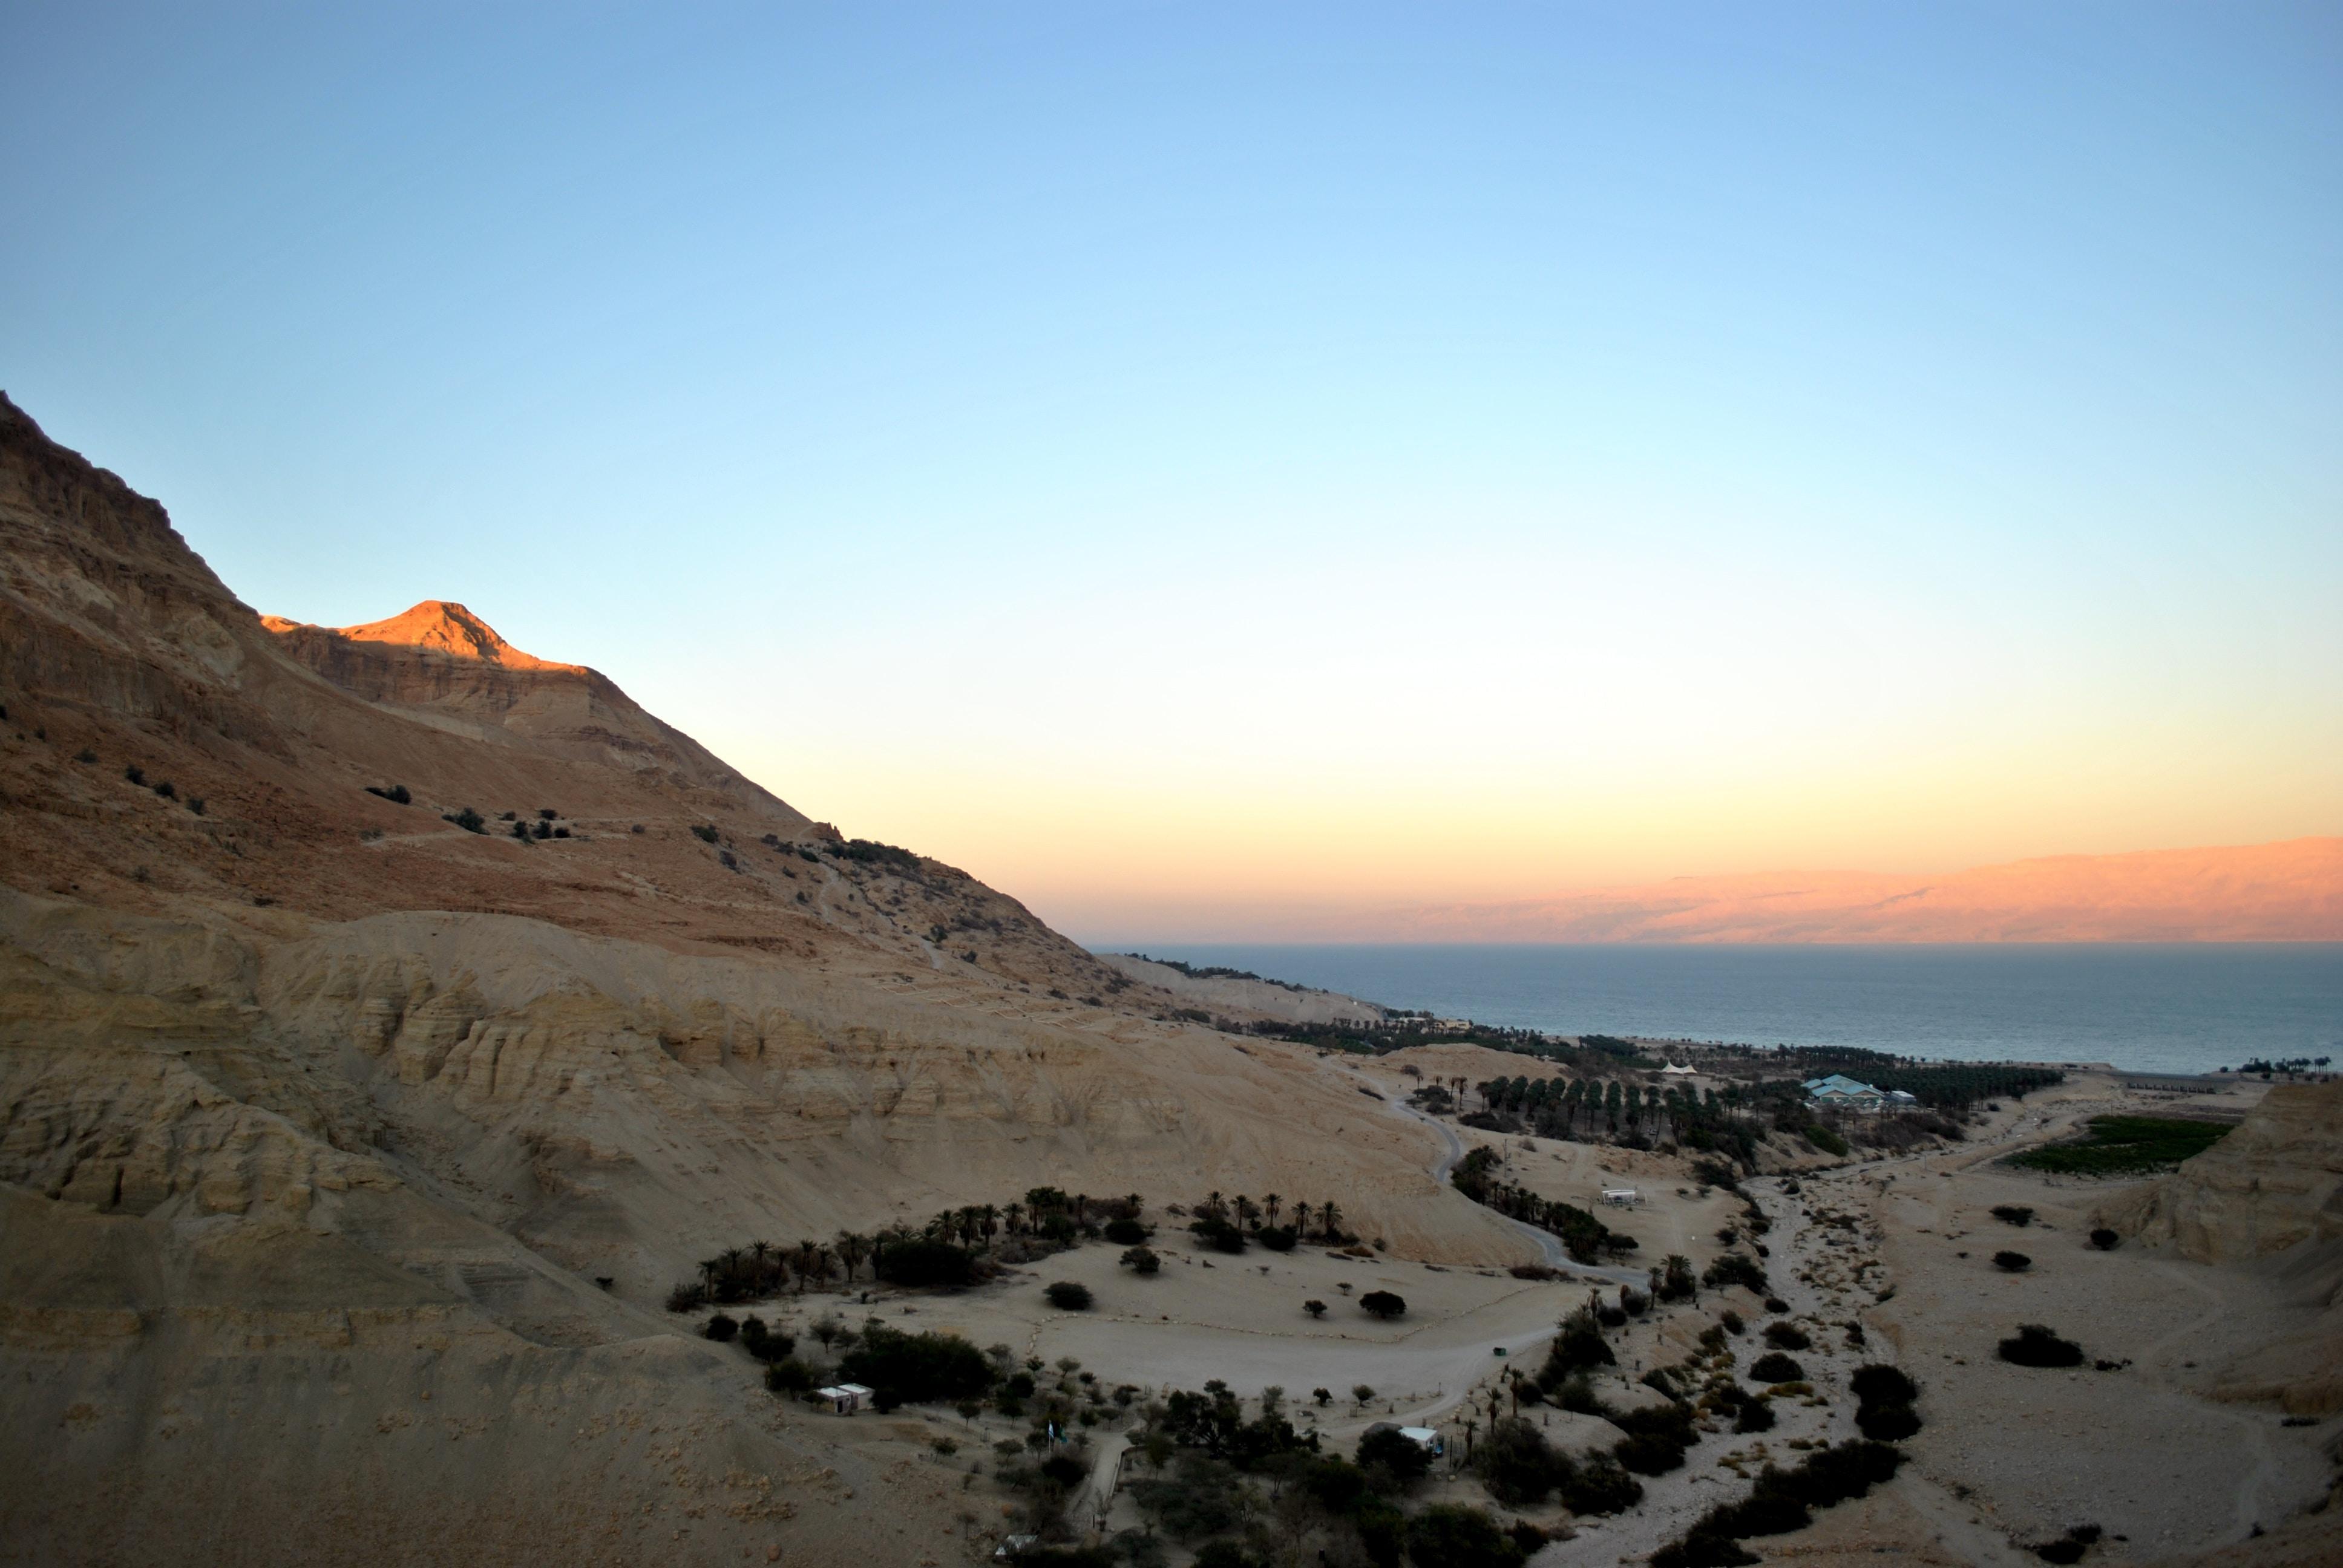 Sun peaks over the horizon over the desert terrain